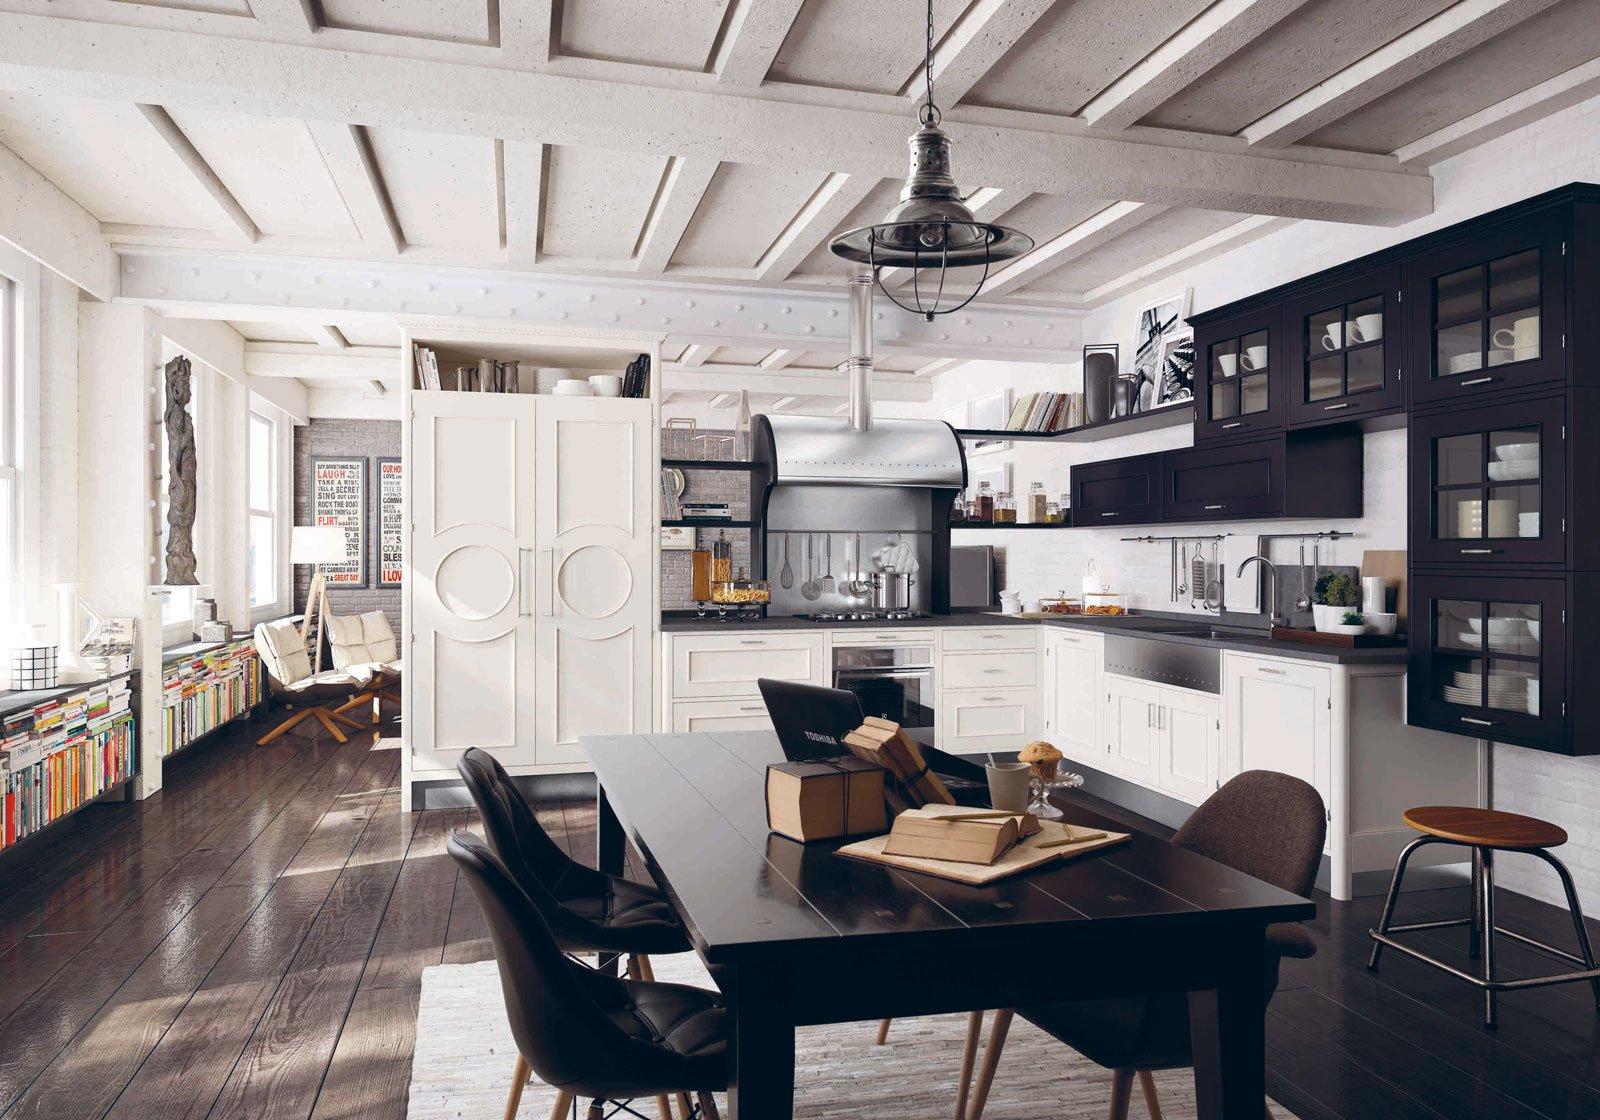 Cucine classiche in legno o laccate cose di casa - Cucine di legno ...